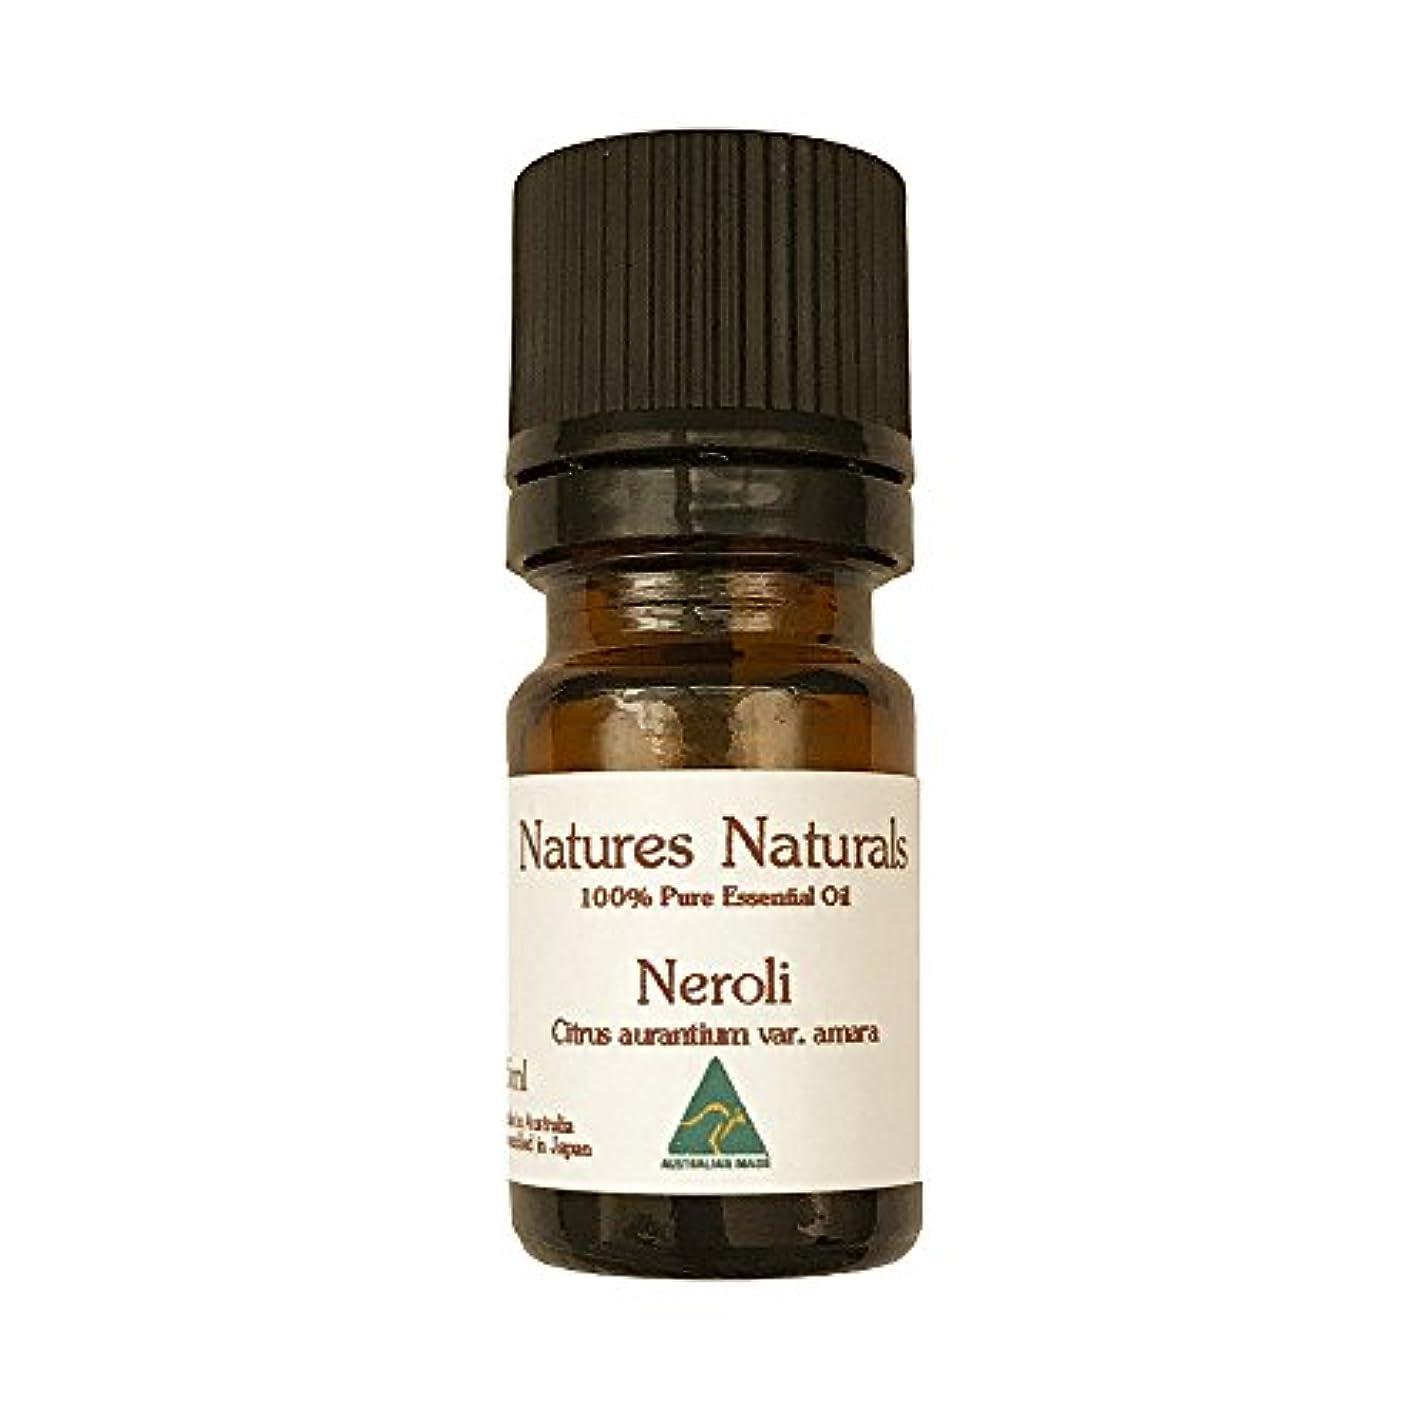 ヘビー細菌威信ネロリ 100% 天然精油 エッセンシャルオイル 5ml イタリア産ネロリ pure neroli essential oil